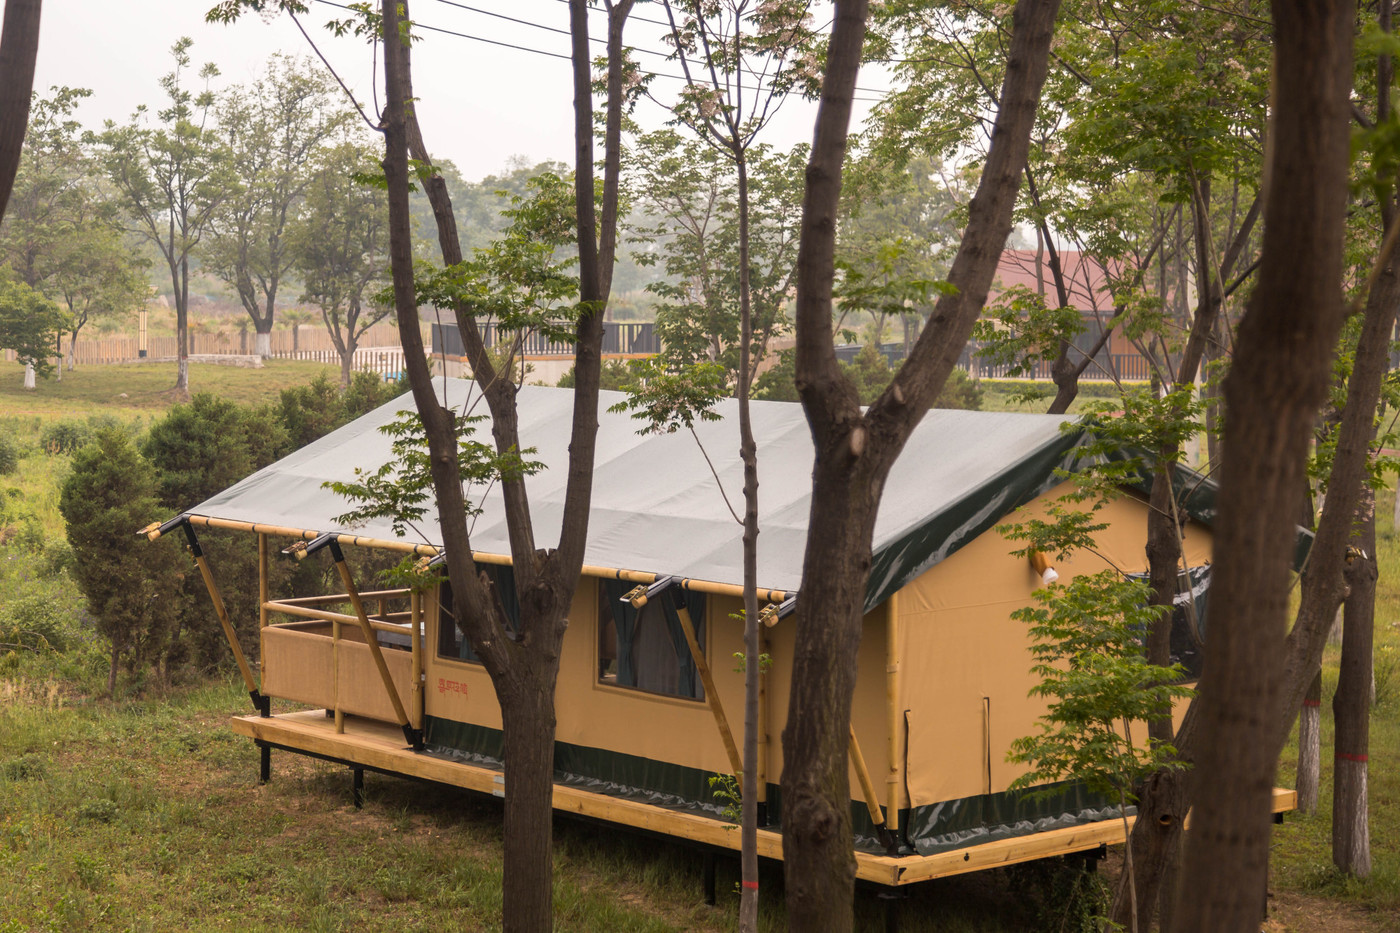 喜马拉雅野奢帐篷酒店—华山自驾游露营地(78平)4